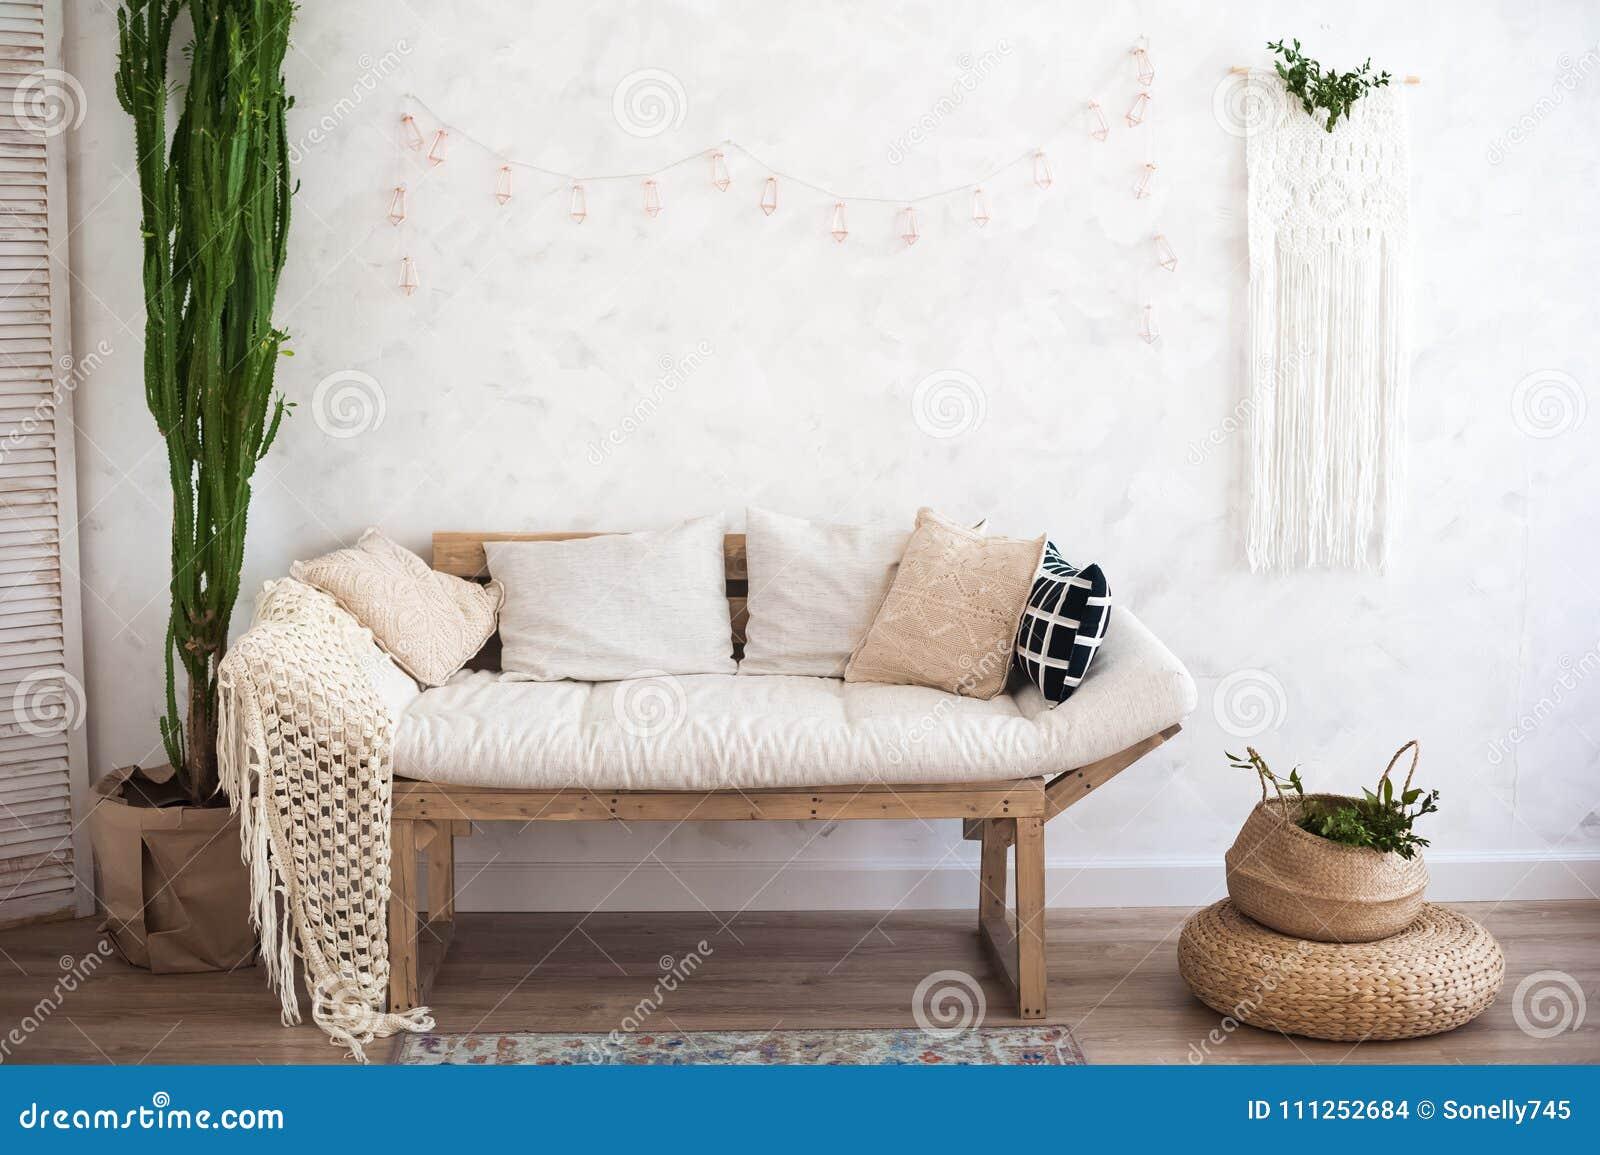 Όμορφο sping διακοσμημένο εσωτερικό στα άσπρα κατασκευασμένα χρώματα Καθιστικό, μπεζ καναπές με μια κουβέρτα και ένας μεγάλος κάκ